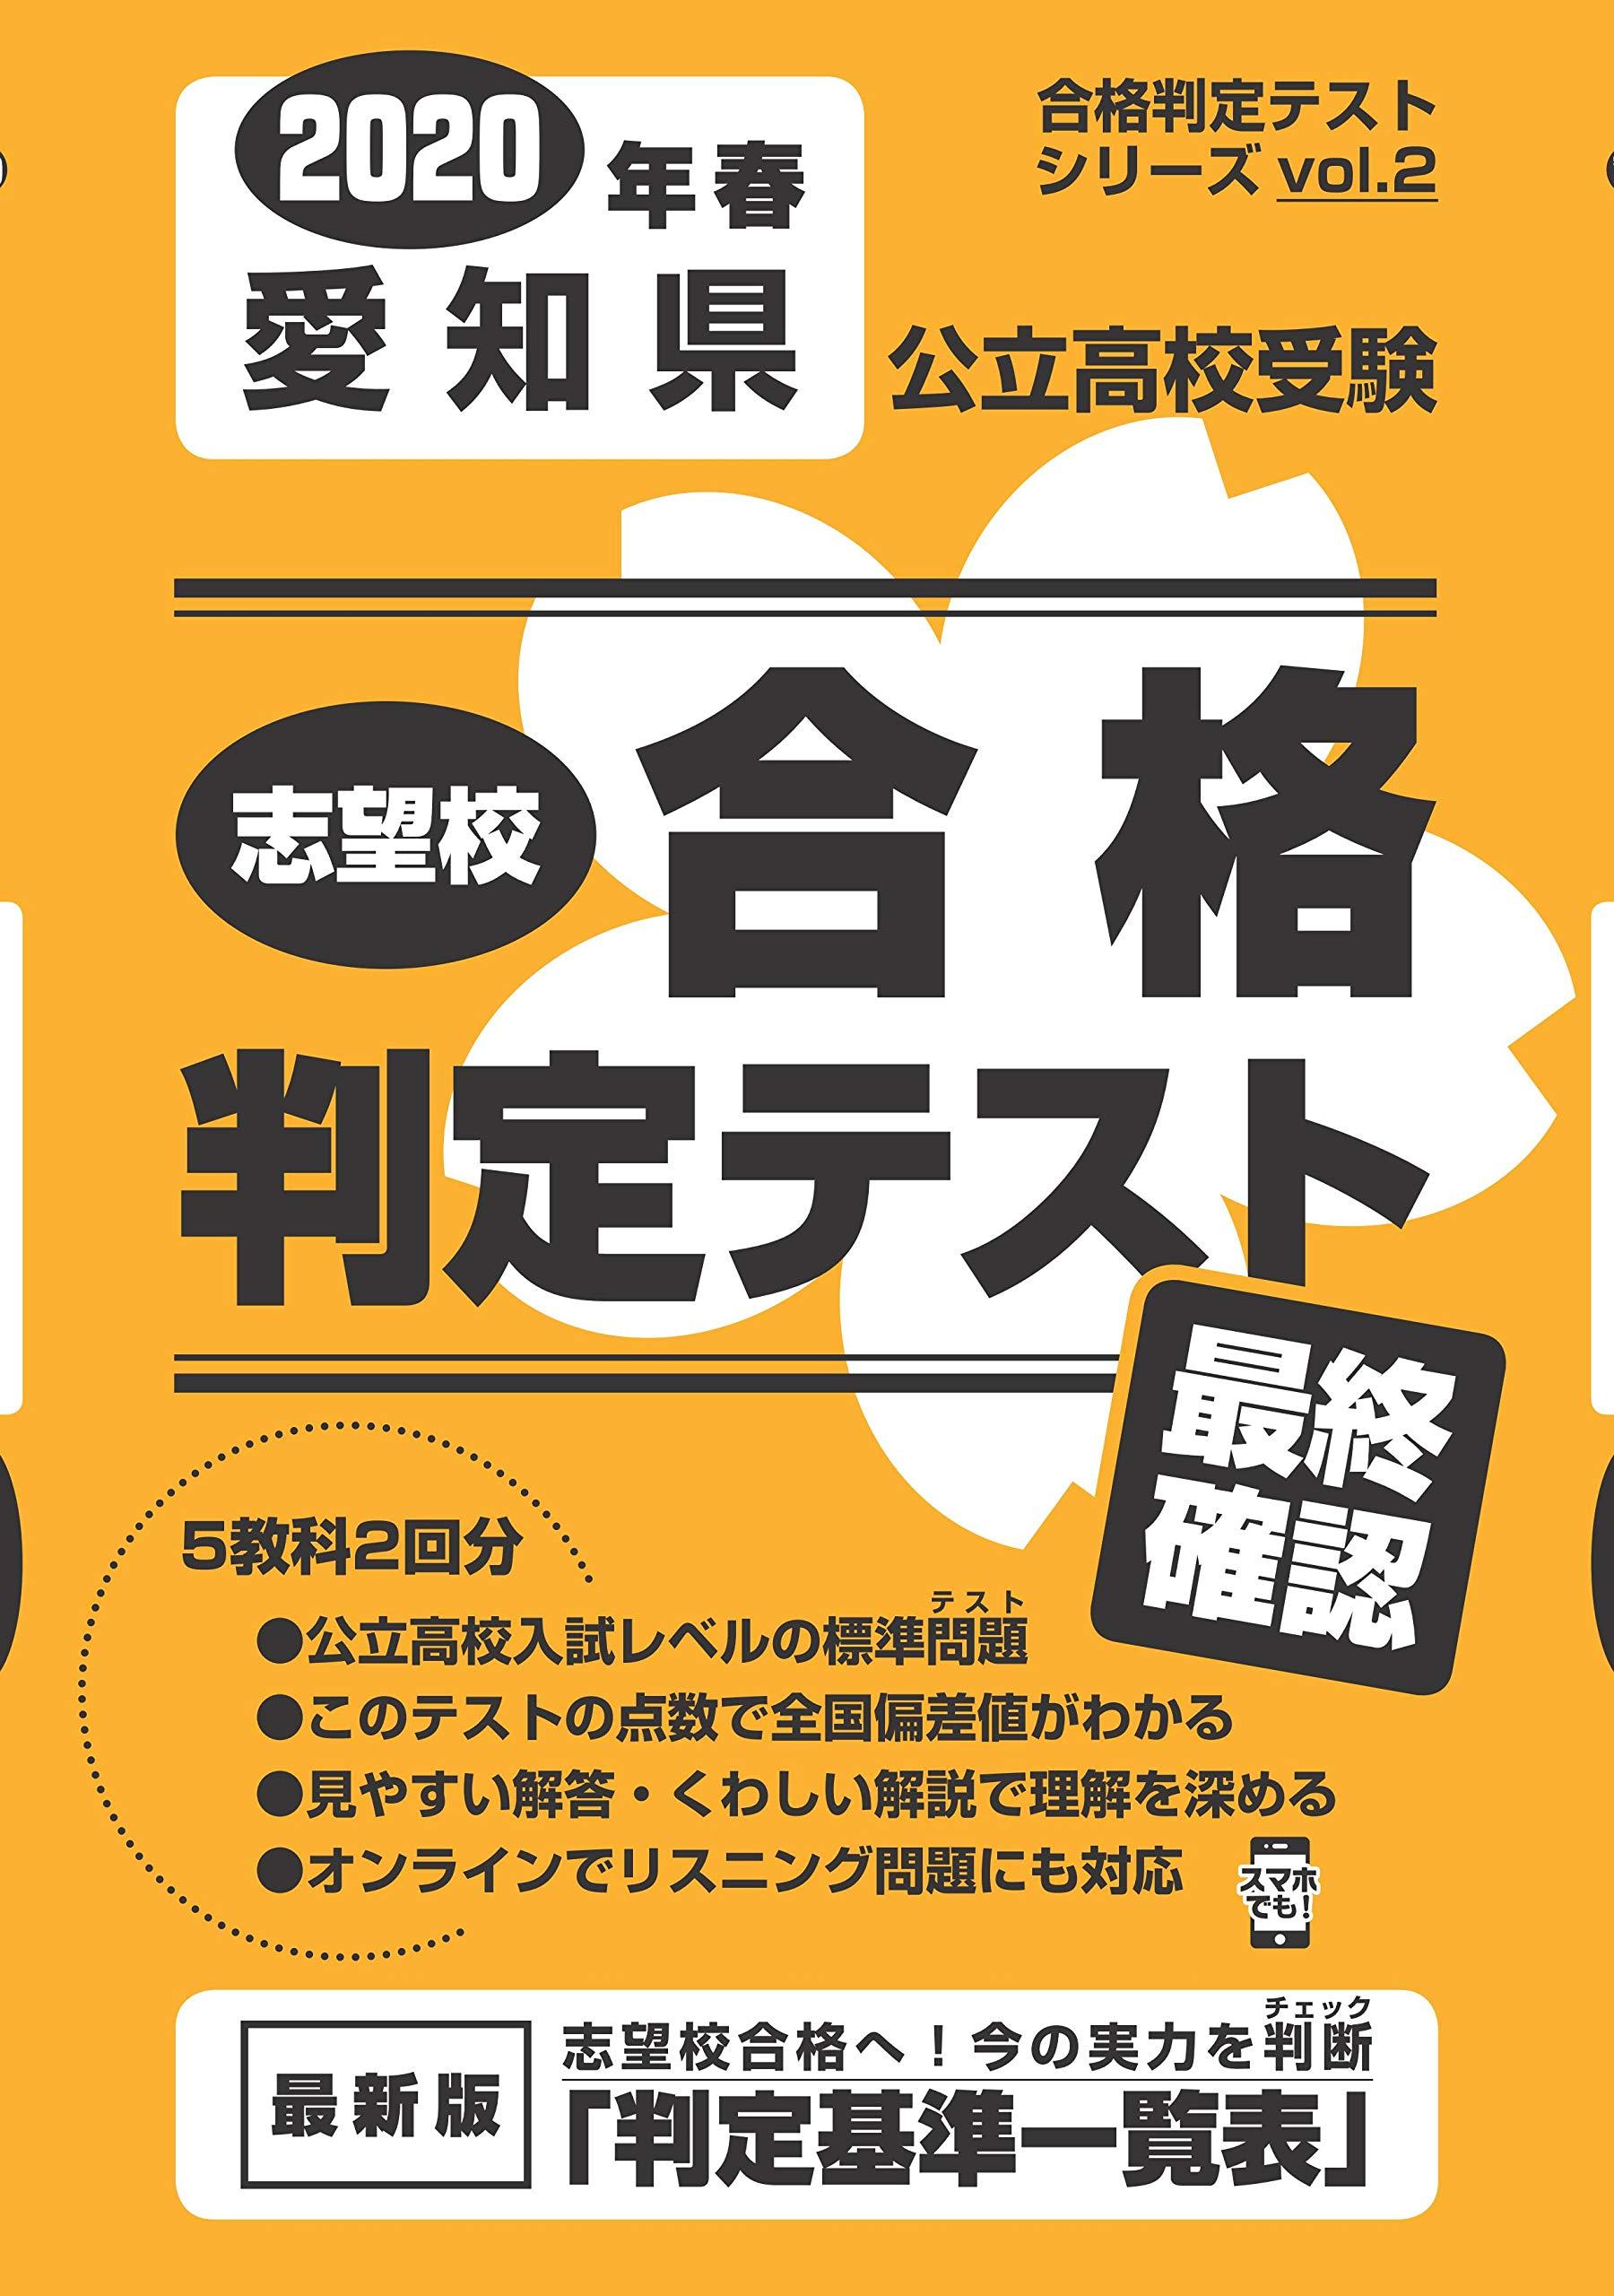 愛知 県 高校 偏差 値 2020